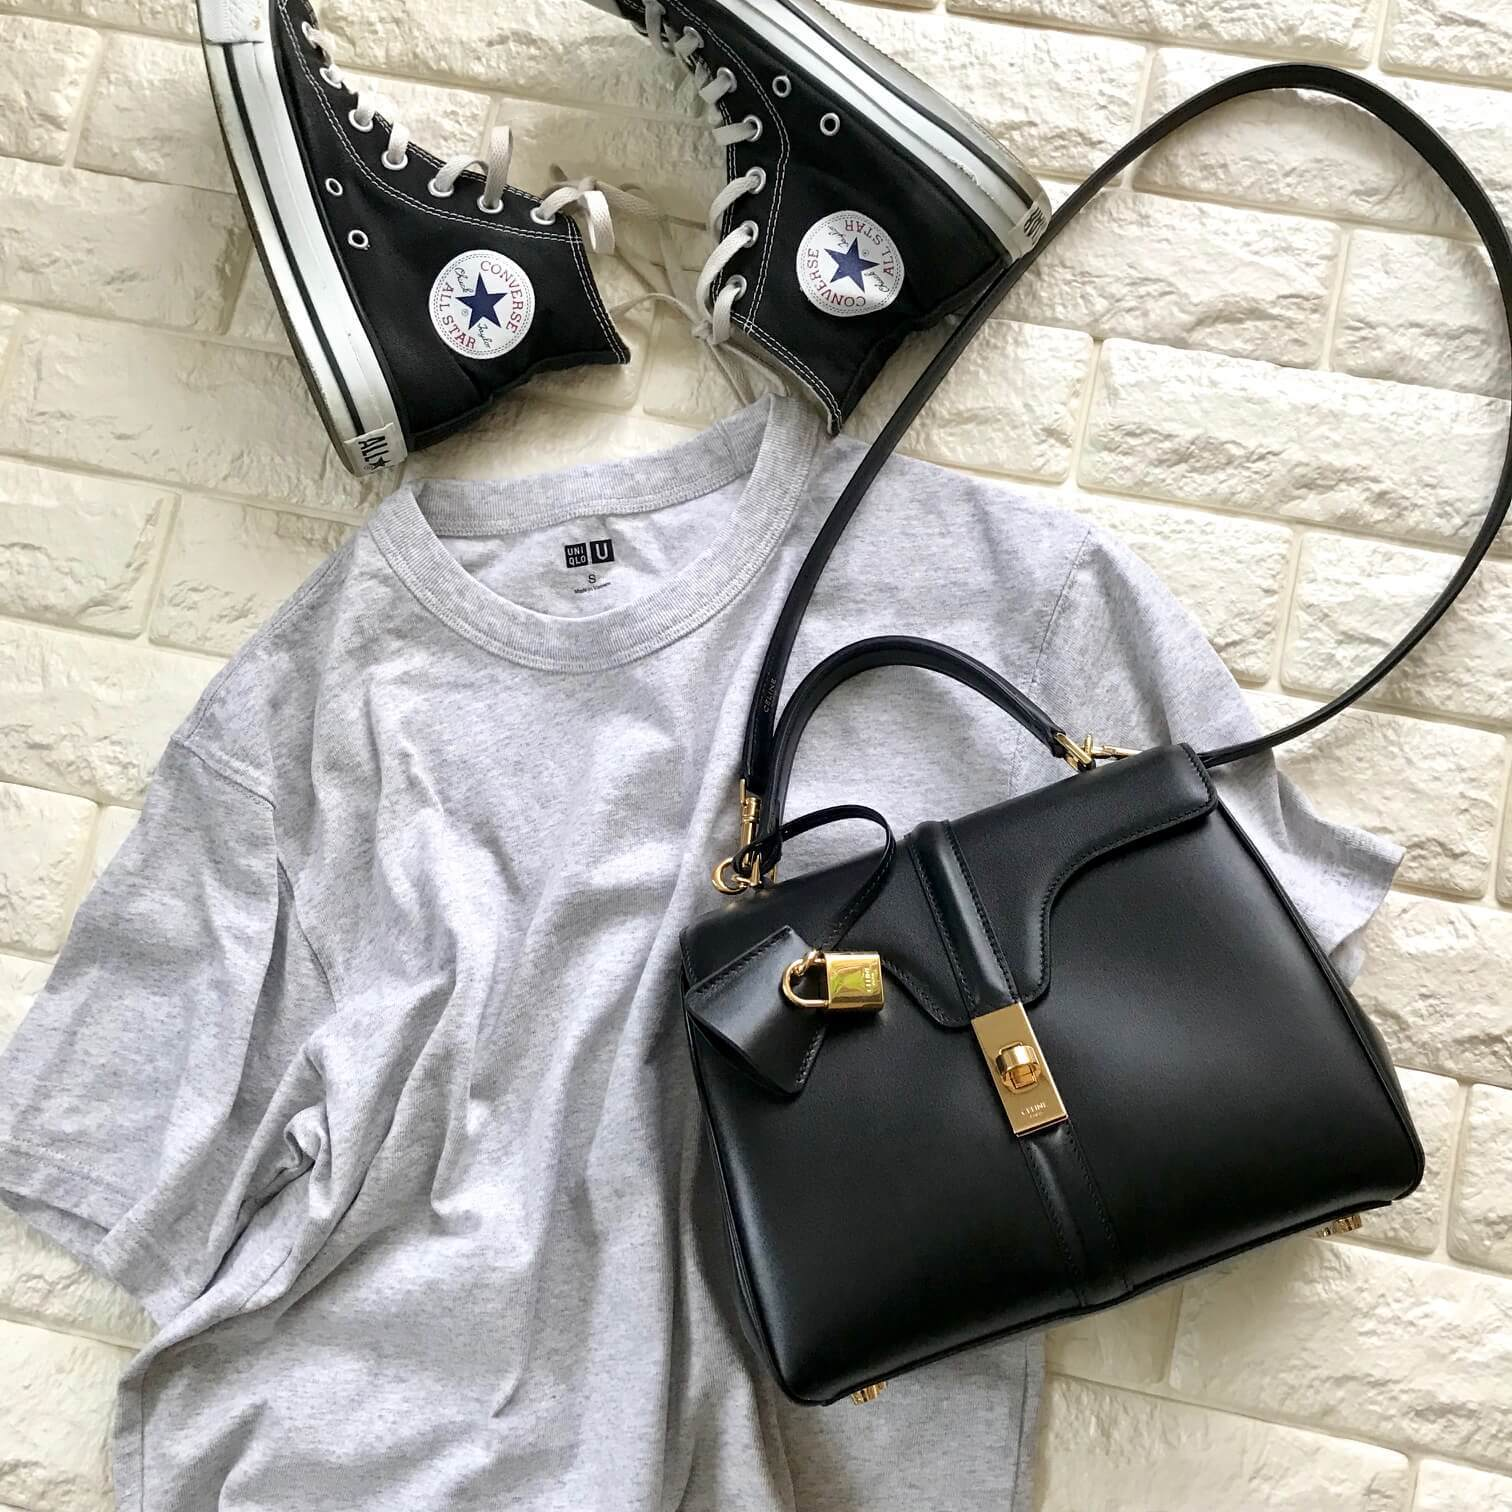 セリーヌのバッグとユニクロを合わせた画像